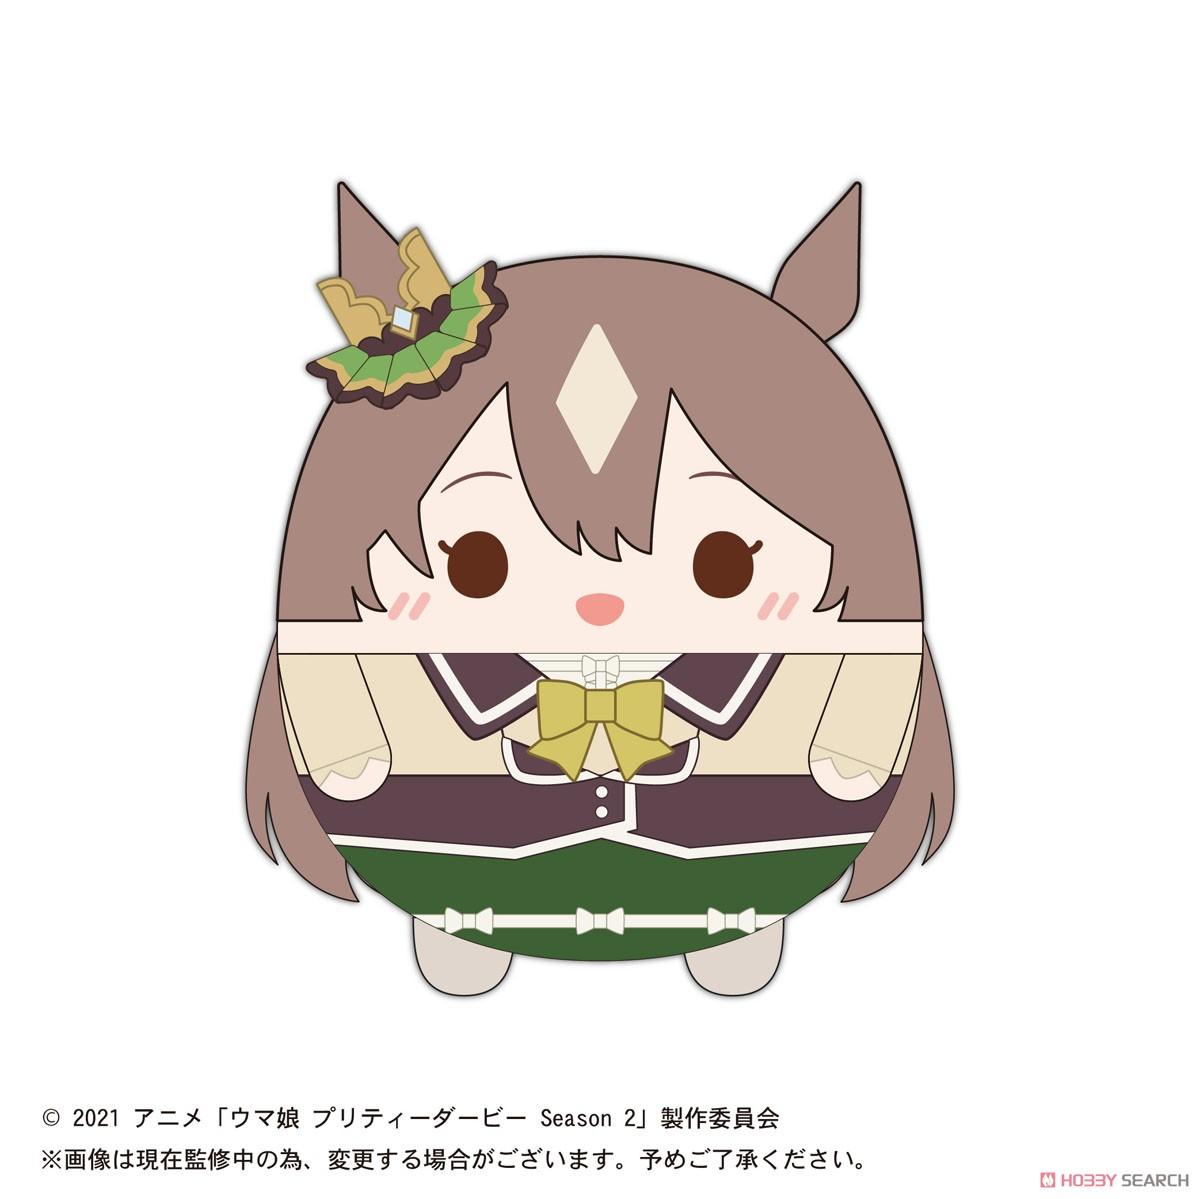 ウマ娘『TVアニメ ウマ娘 プリティーダービー Season2 ふわコロりん』8個入りBOX-018